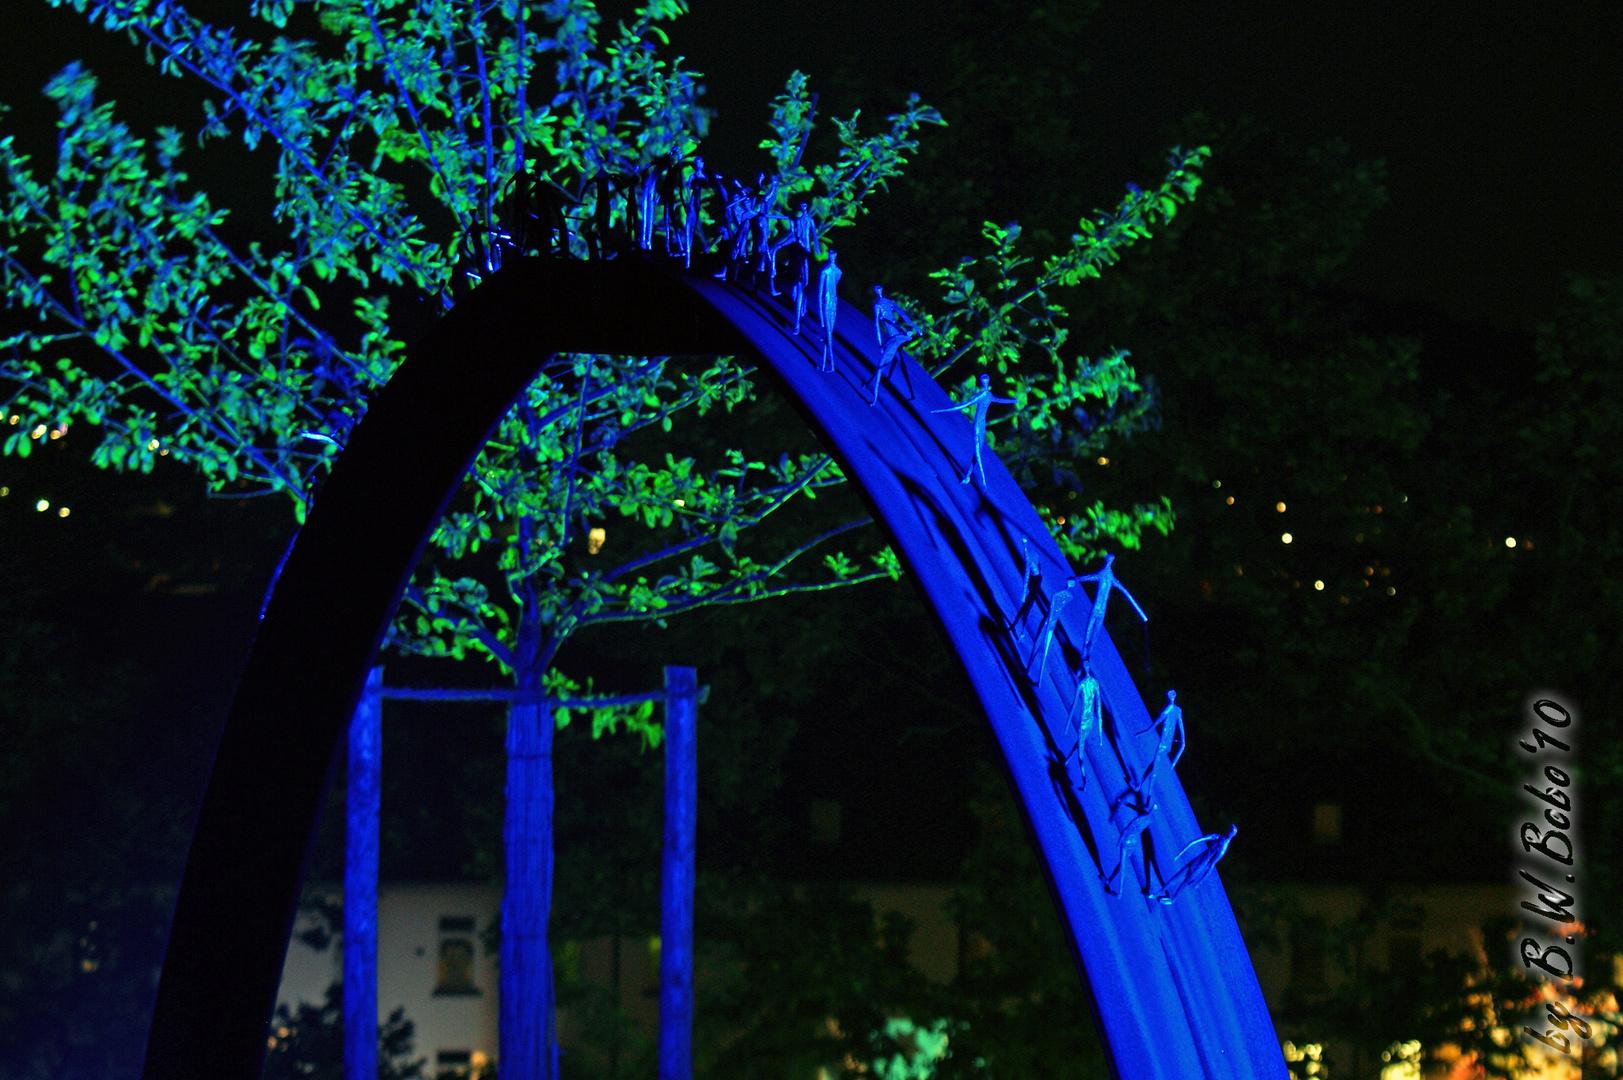 LAGA 2010 - Begegnungen bei Nacht